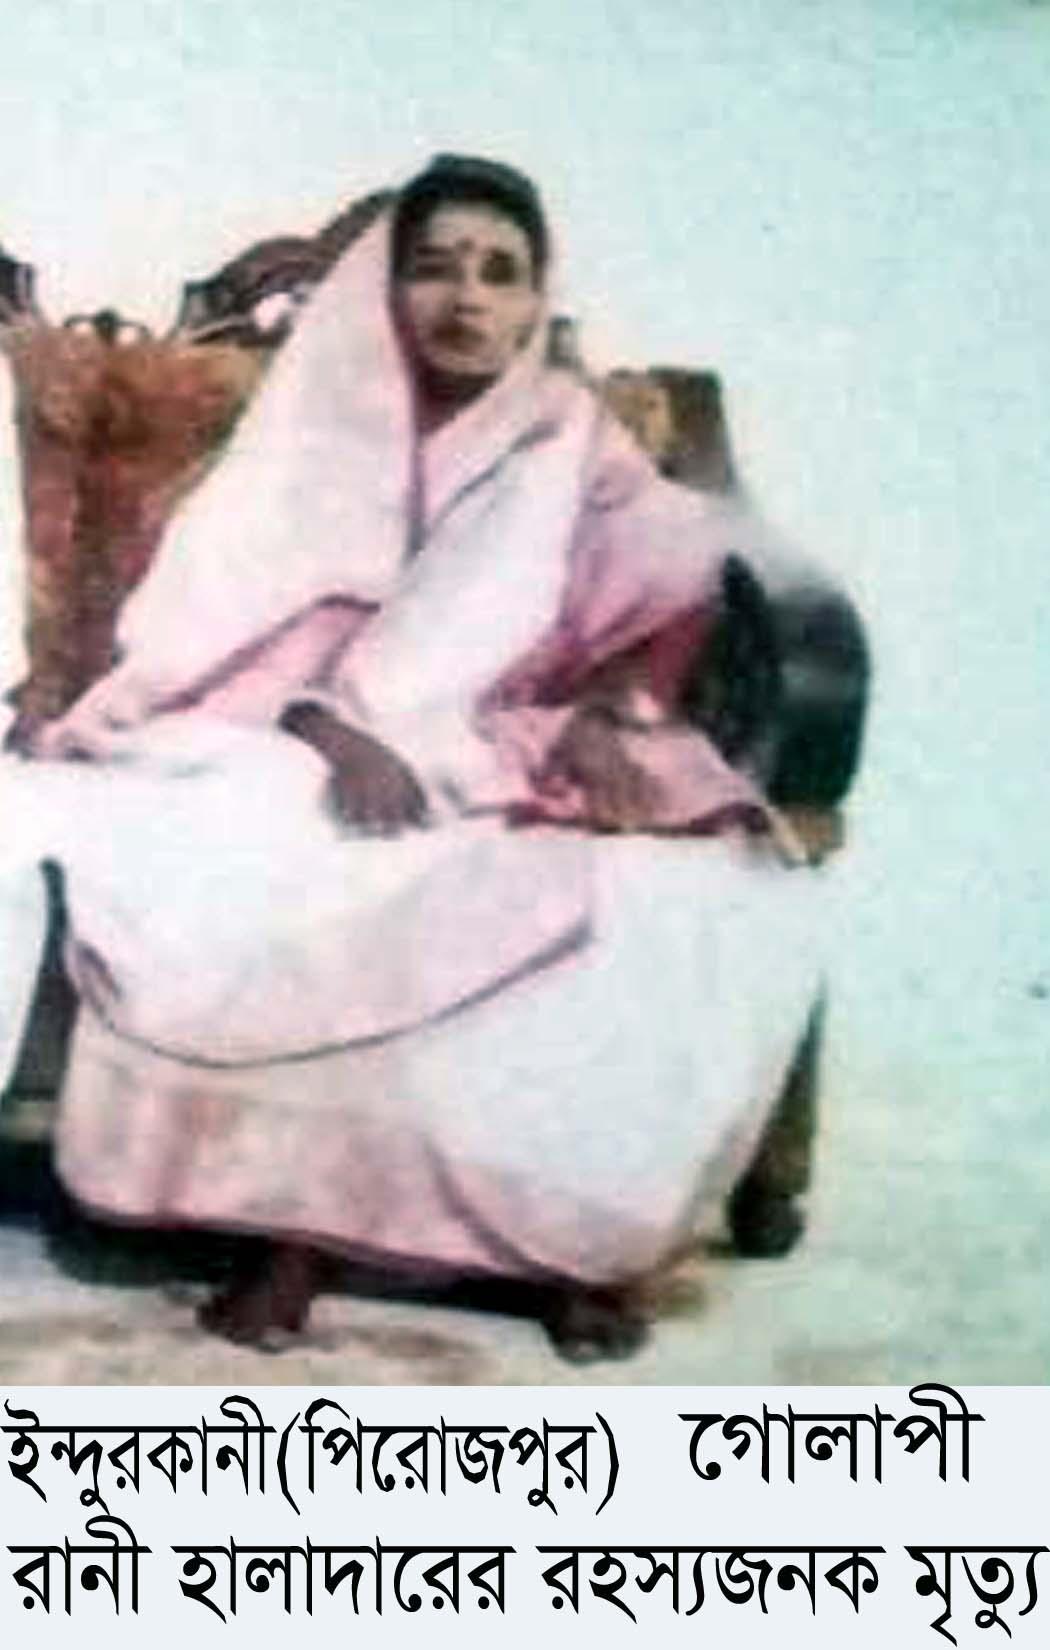 পিরোজপুরের ইন্দুরকানীতে বৃদ্ধার রহস্যজনক মৃত্যু